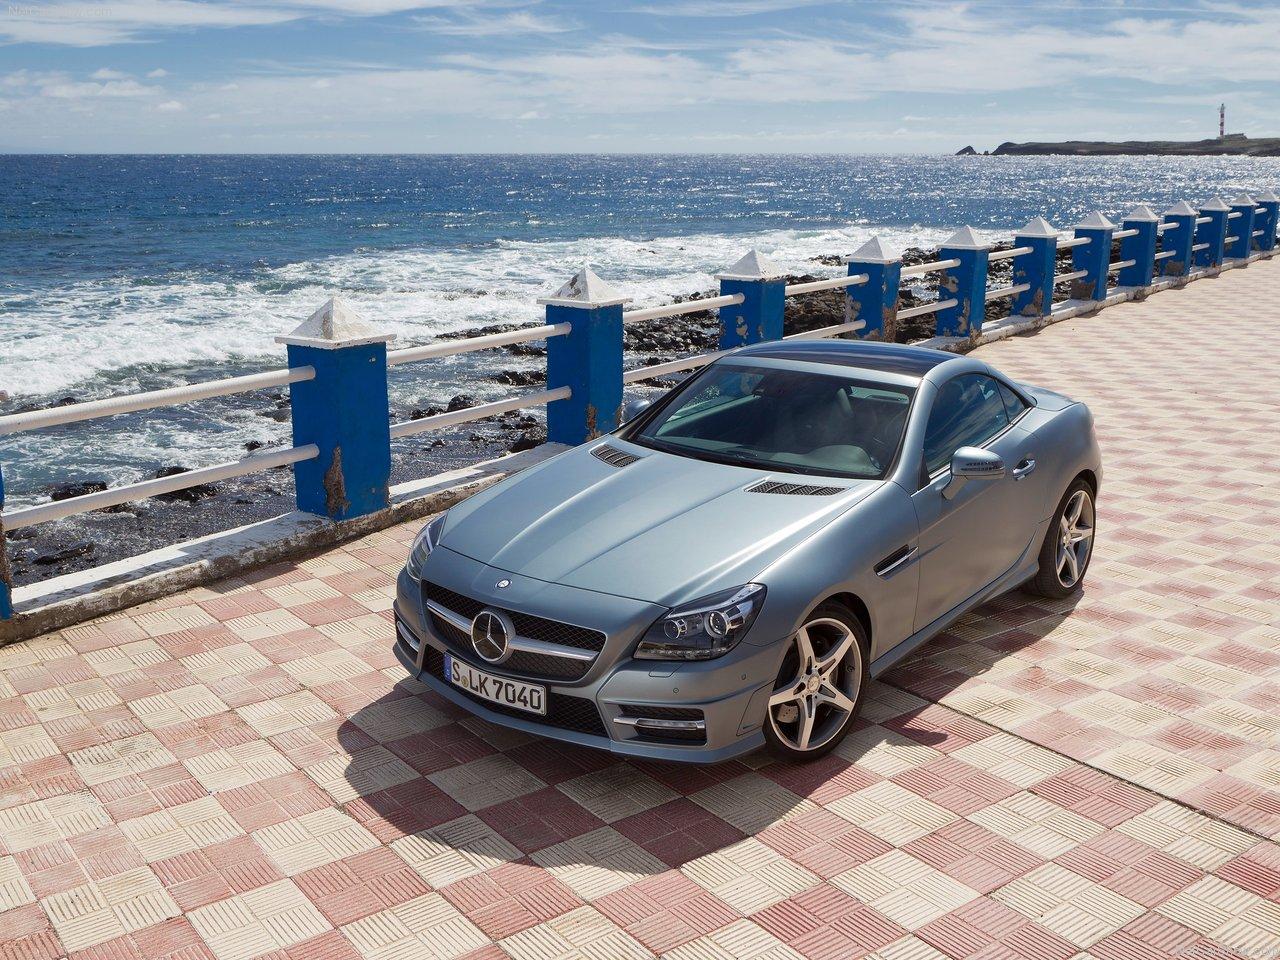 http://3.bp.blogspot.com/-O1-luP_BwjE/TZ3lsTzSlYI/AAAAAAAAEN0/zH5qSr74zqo/s1600/Mercedes-Benz-SLK350_2012_1280x960_wallpaper_05.jpg